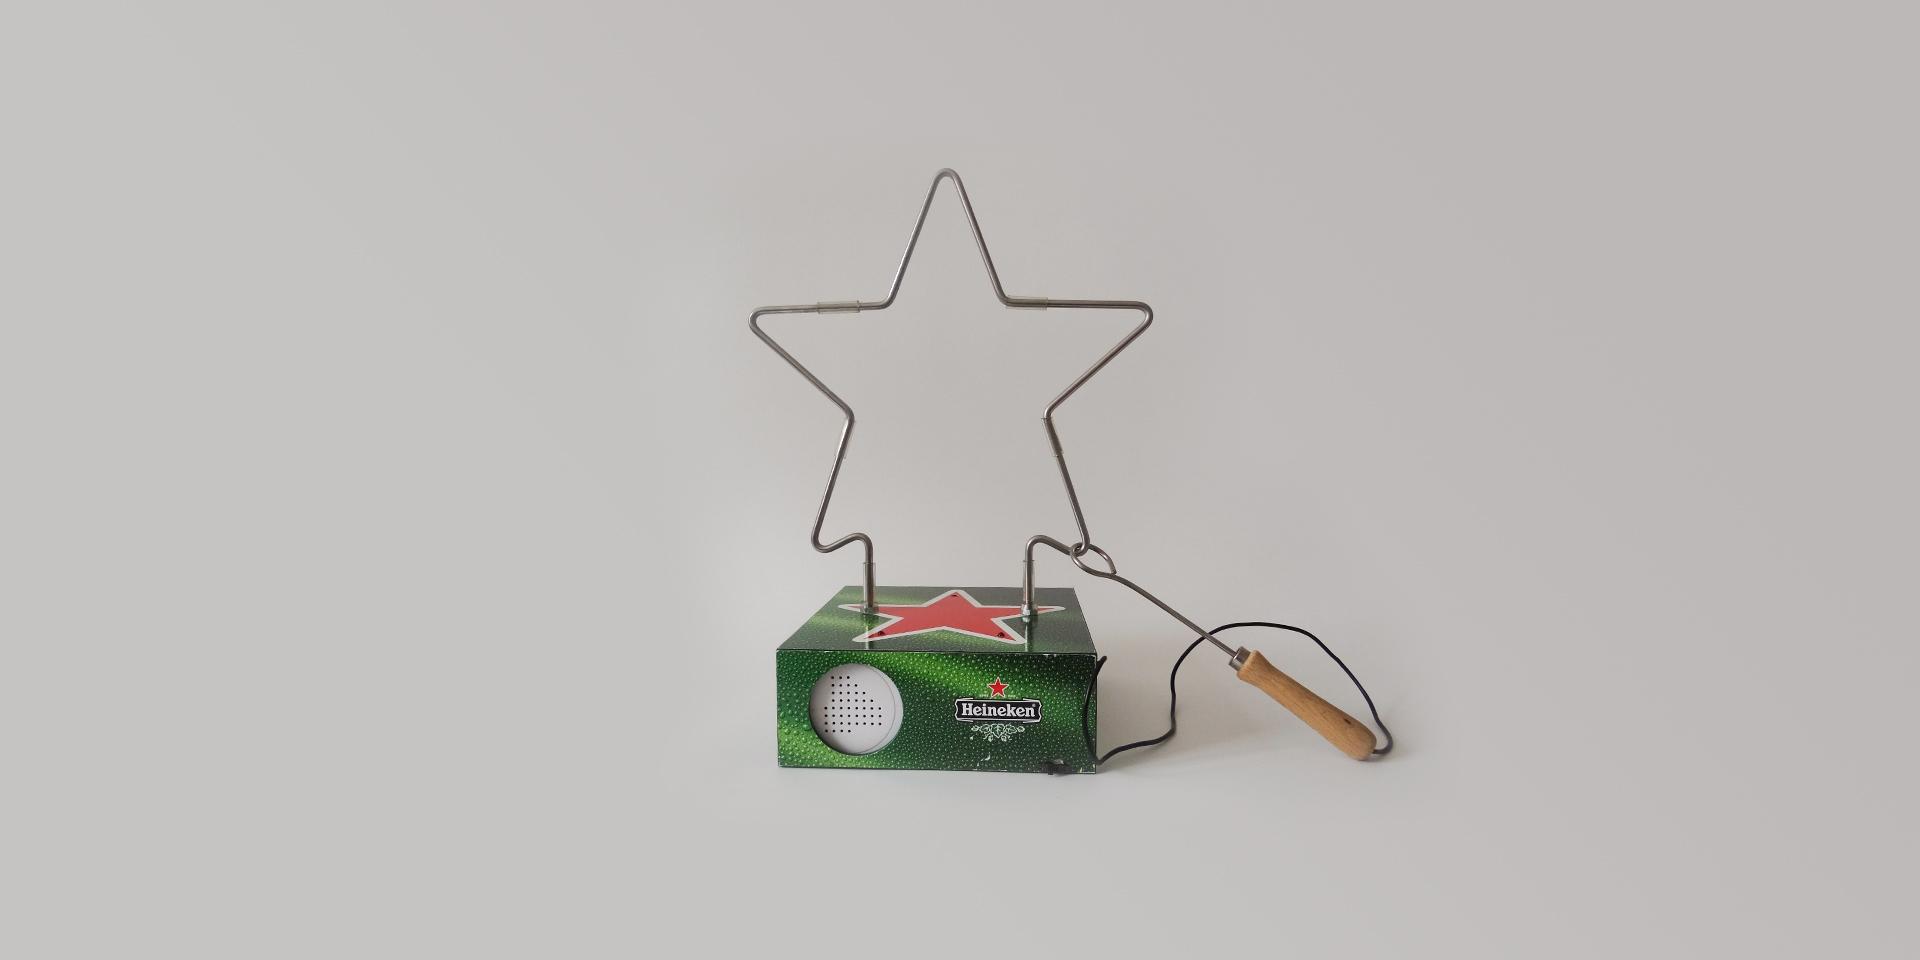 """Spiele, bei denen man sich ohne viel Vorbereitung miteinander messen kann, sind auf jeder Party gefragt und werden auch in der Kneipenszene äußerst gern gespielt. Mit dem """"heißen Draht"""" haben wir einen solchen Spieleklassiker im Auftrag von Heineken als Tischgerät in großer Auflage für den internationalen Markt neu interpretiert: in Form des Heineken-Sterns und mit einem Soundmodul, das bei Kontakt einen O-Ton aus dem Austin-Powers-Kinofilm abspielt. Garantiert Aufmerksamkeit, Lacher und Sympathien. Mehr davon? Können Sie haben! Nehmen Sie Kontakt zu uns auf!"""